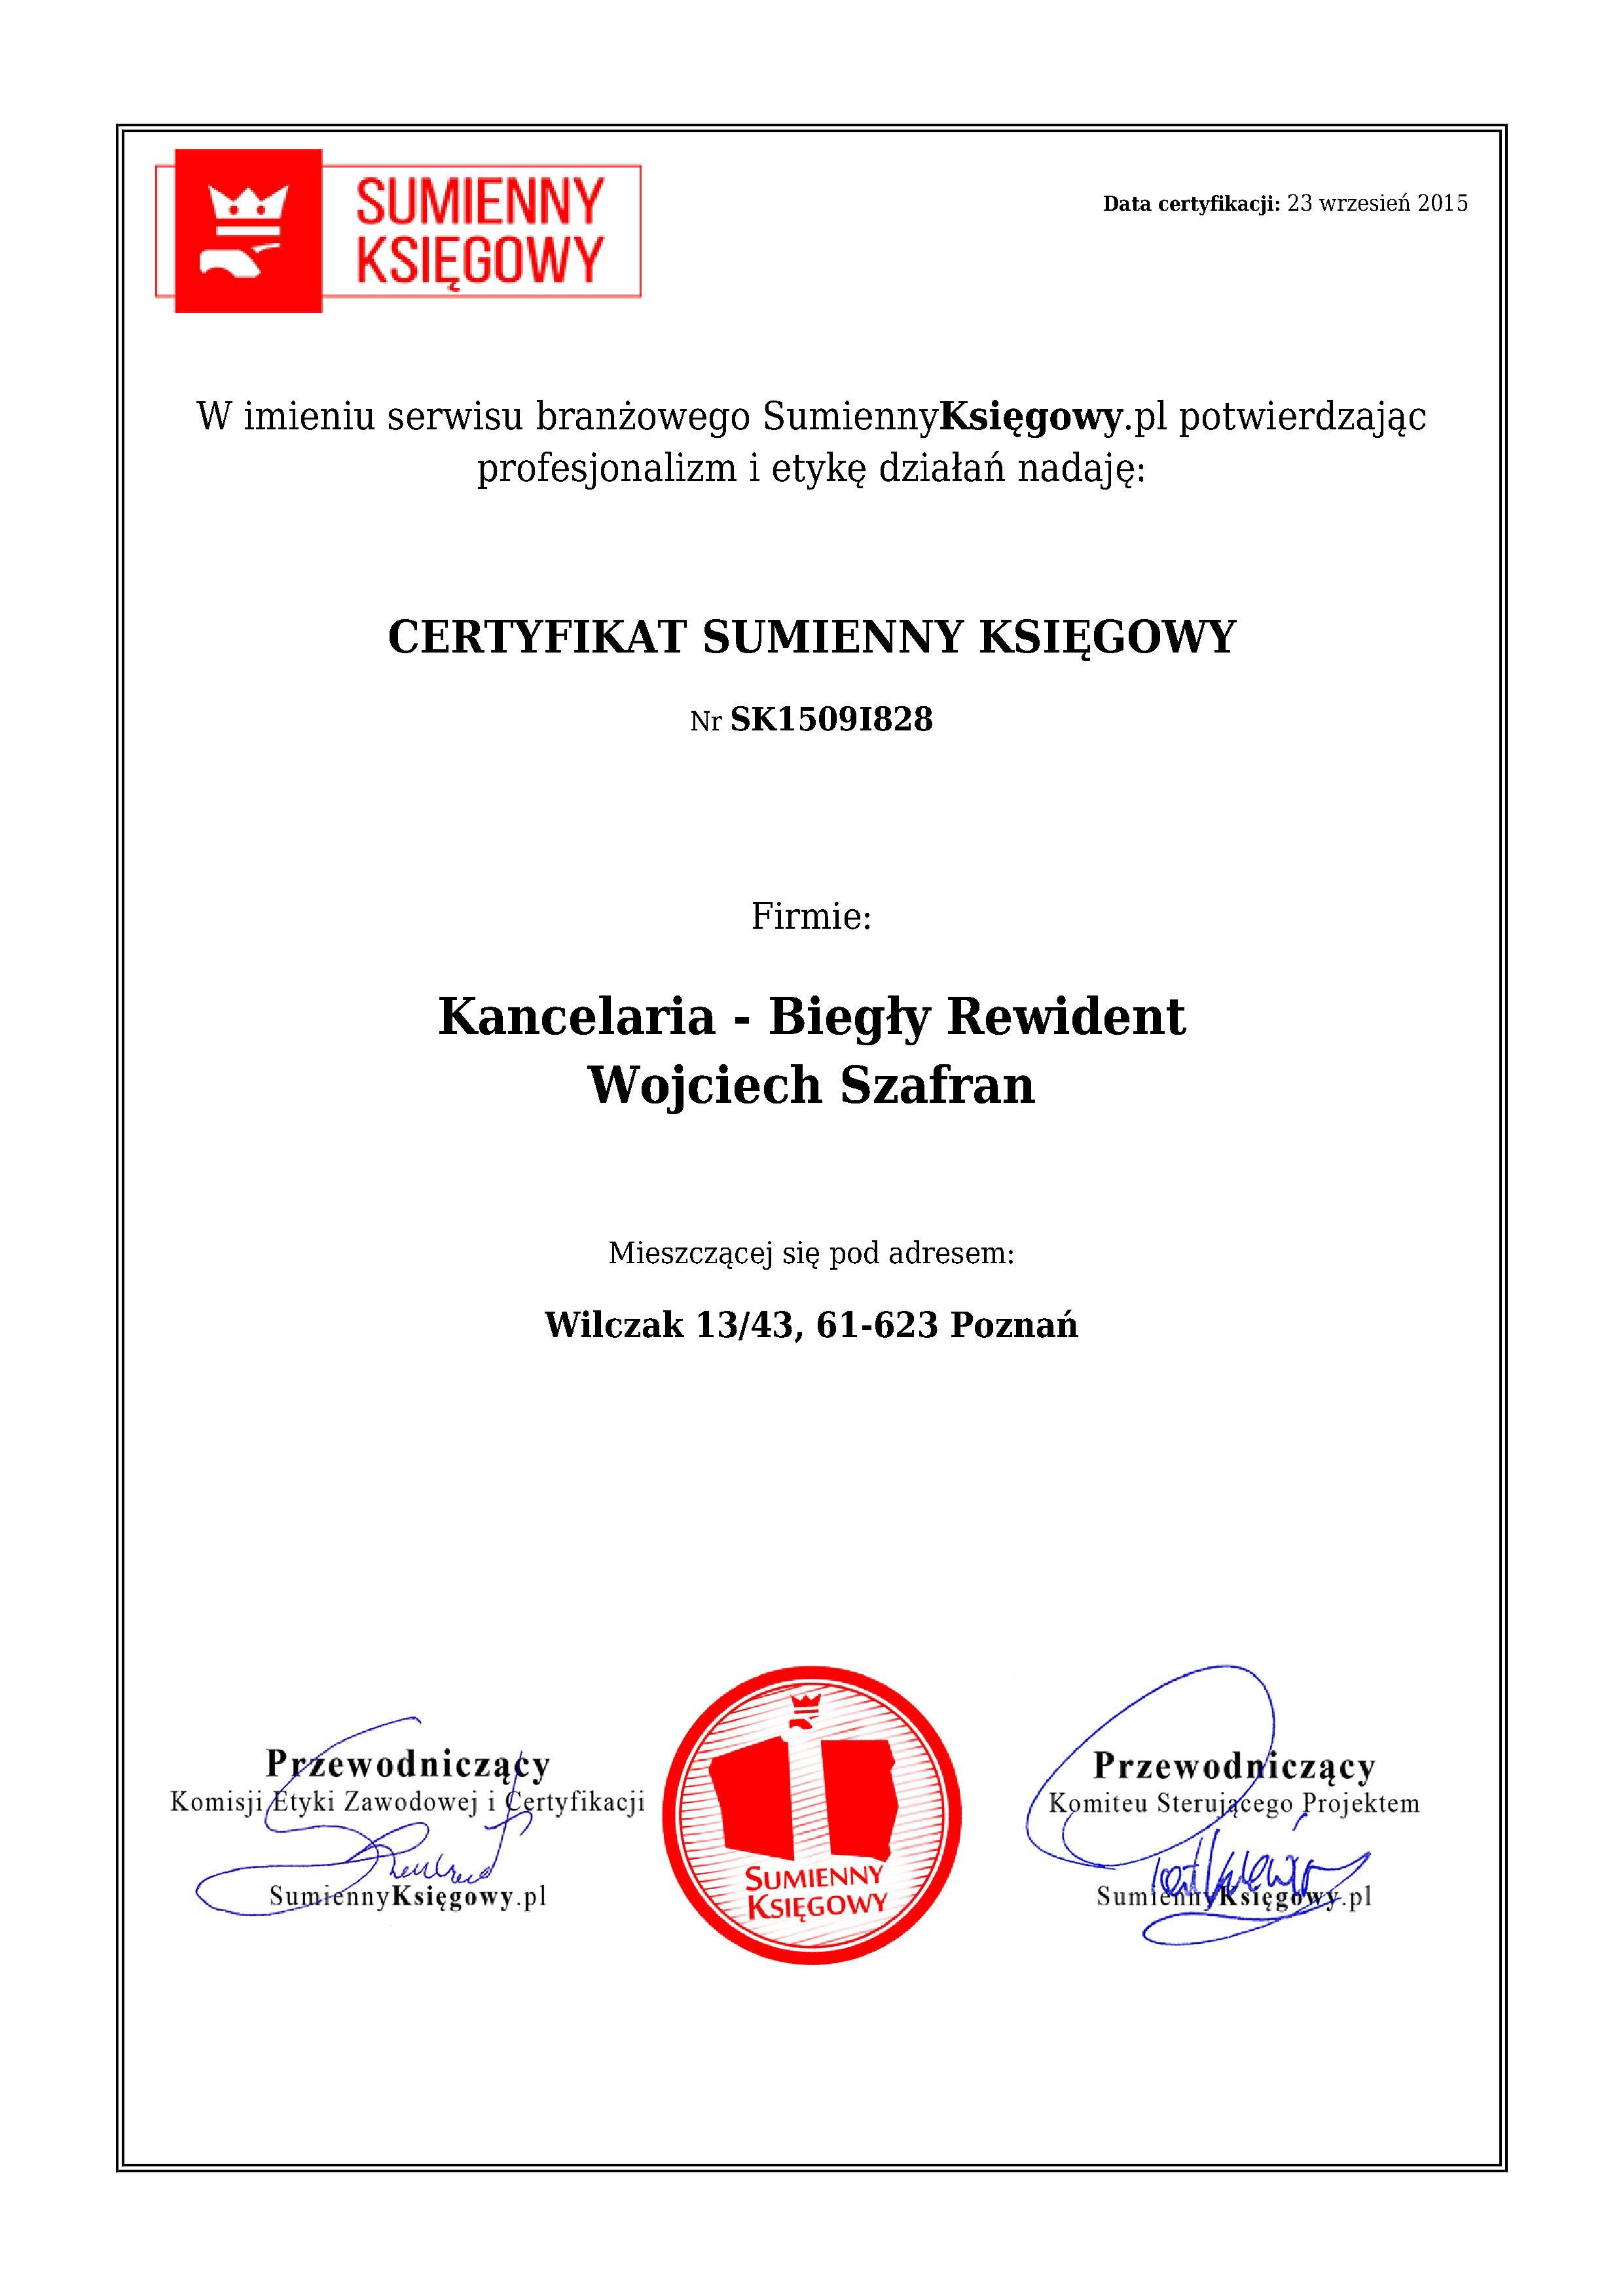 Certyfikat Kancelaria - Biegły Rewident Wojciech Szafran